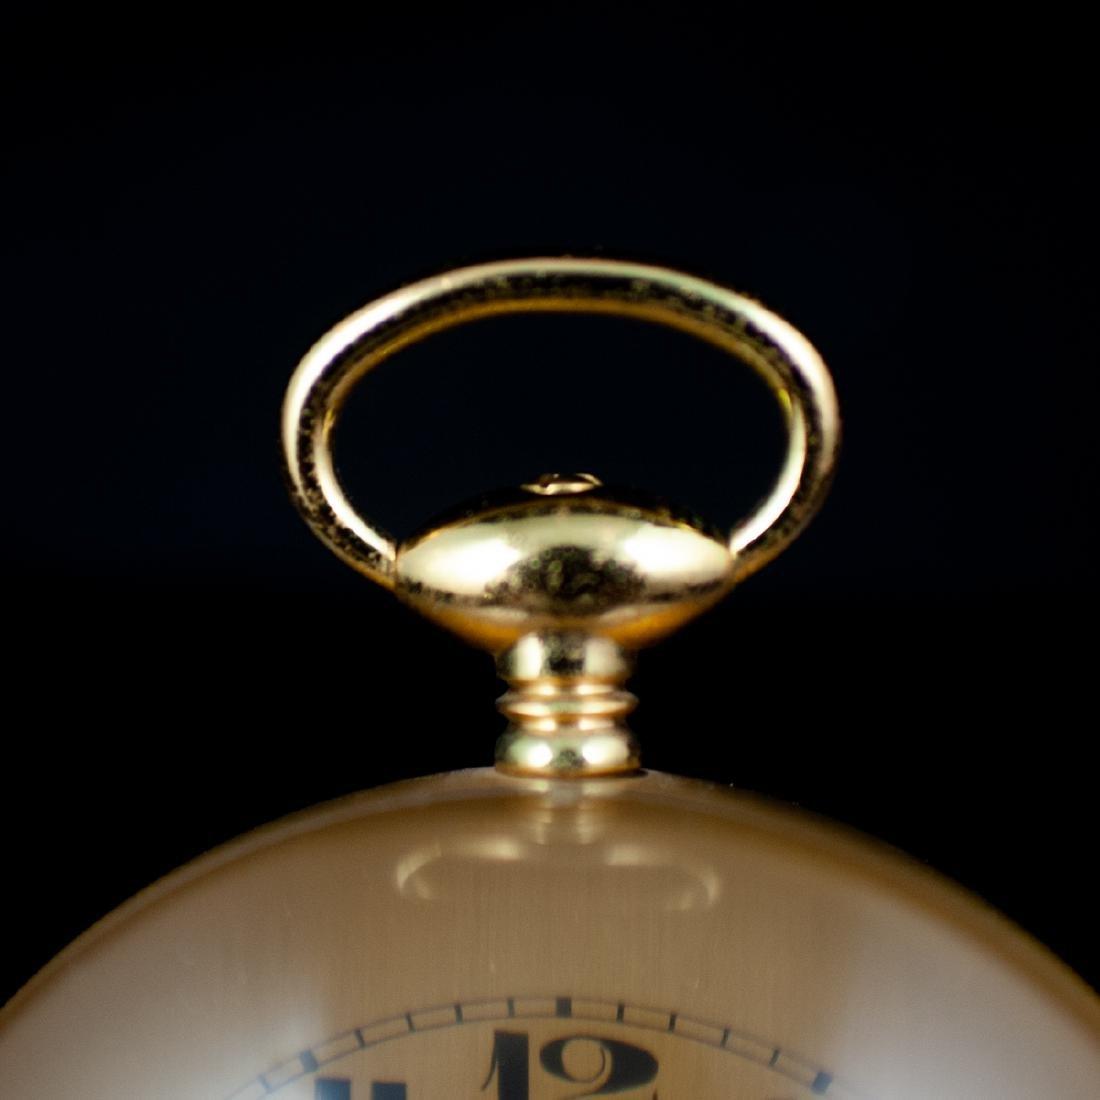 Tiffany & Co. Acrylic Table Clock - 3